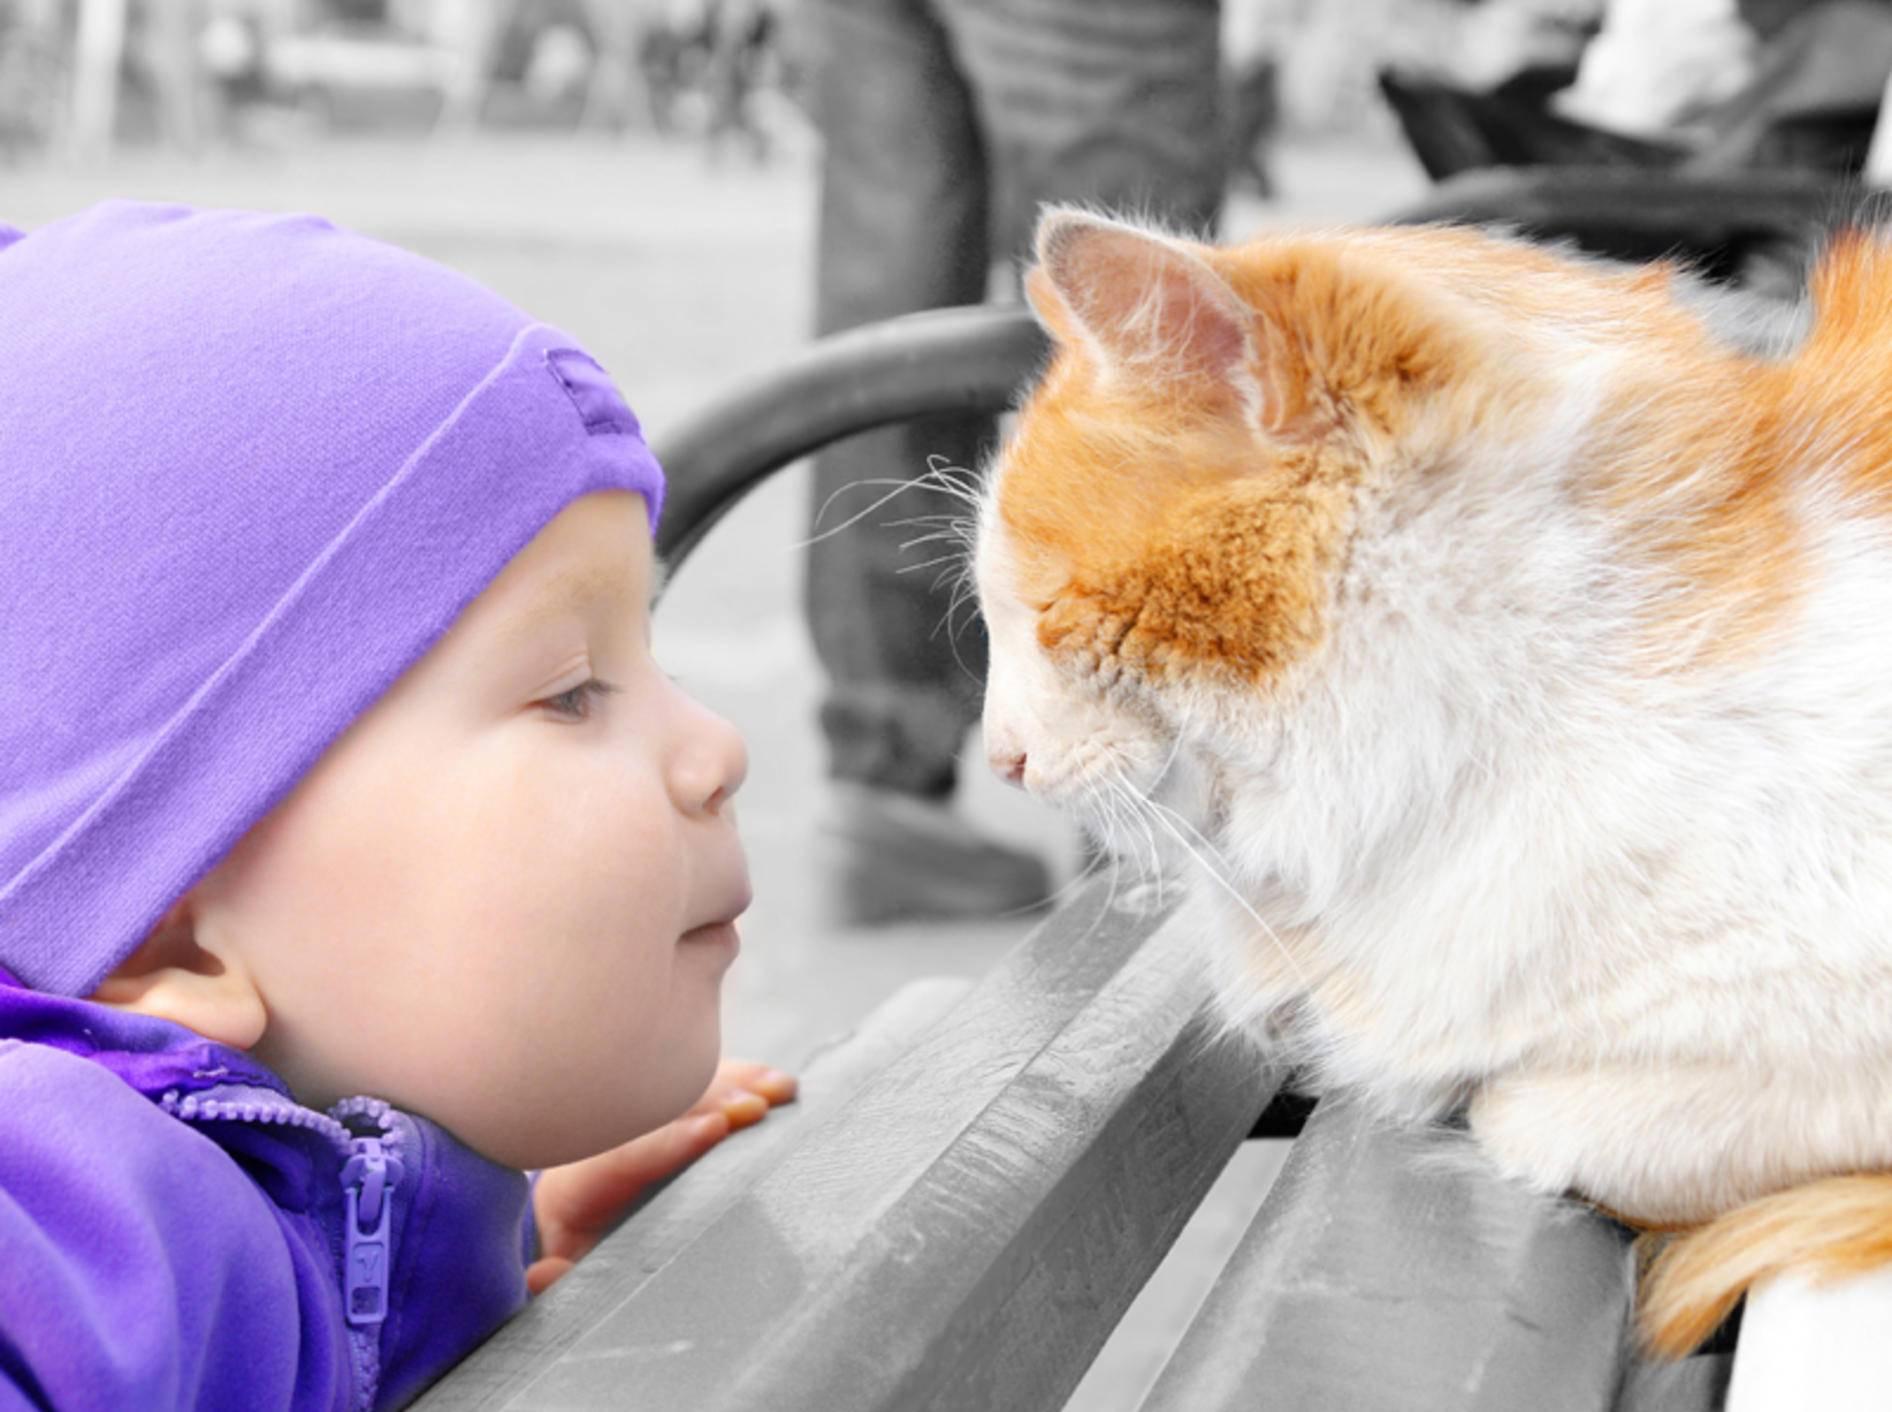 Katzenpilz ist für Kinder besonders ansteckend – Bild: Shutterstock / Shmeliova Natalia